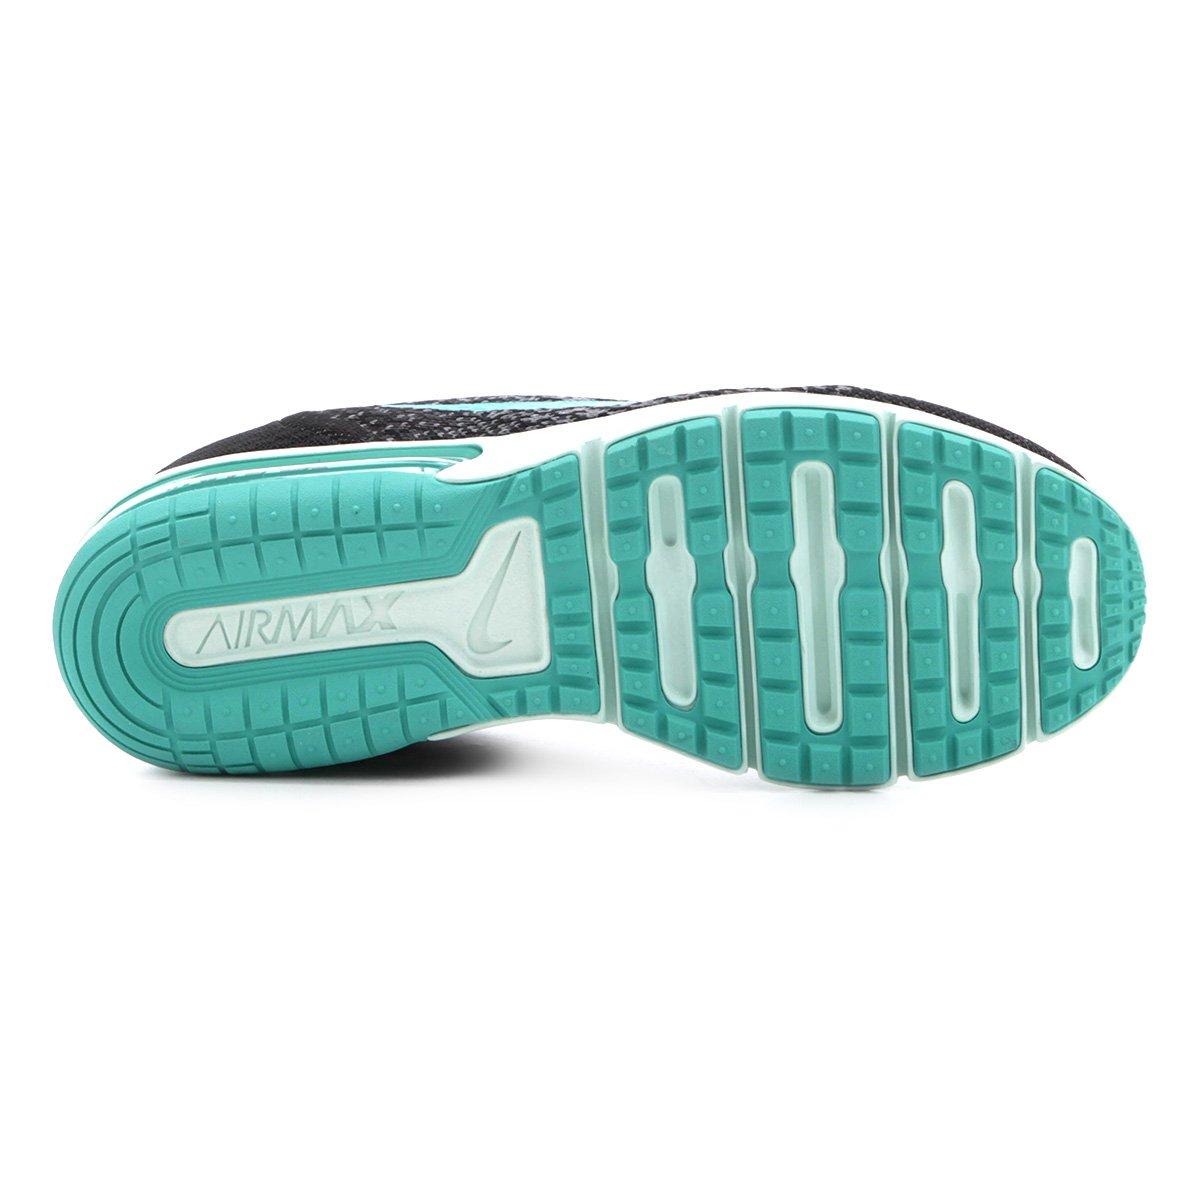 cabcff086c Tênis Nike Air Max Sequent 2 Feminino - Preto e Verde Água - Compre ...